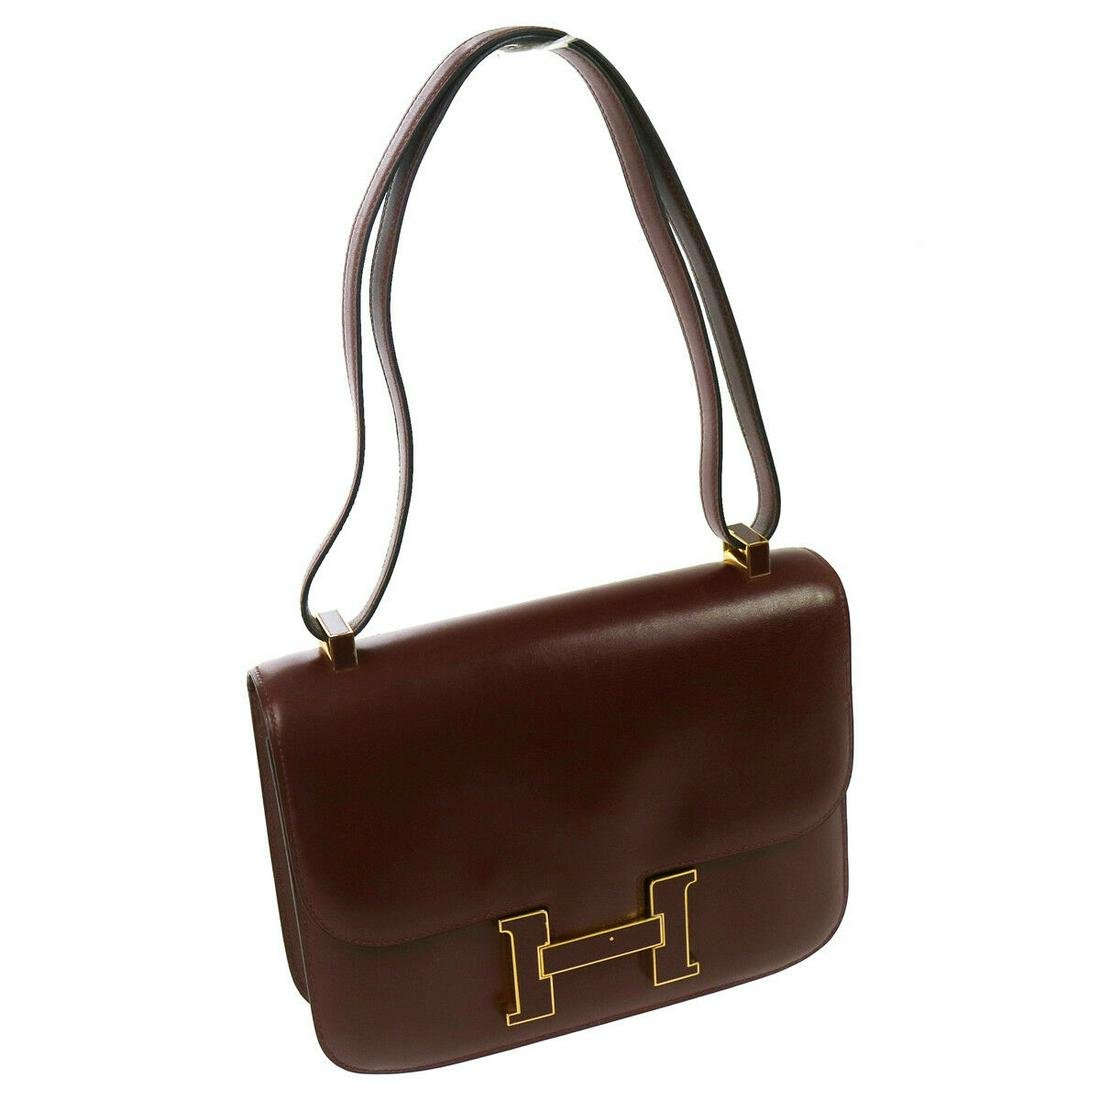 Authentic HERMES CONSTANCE Box Calf Shoulder Bag